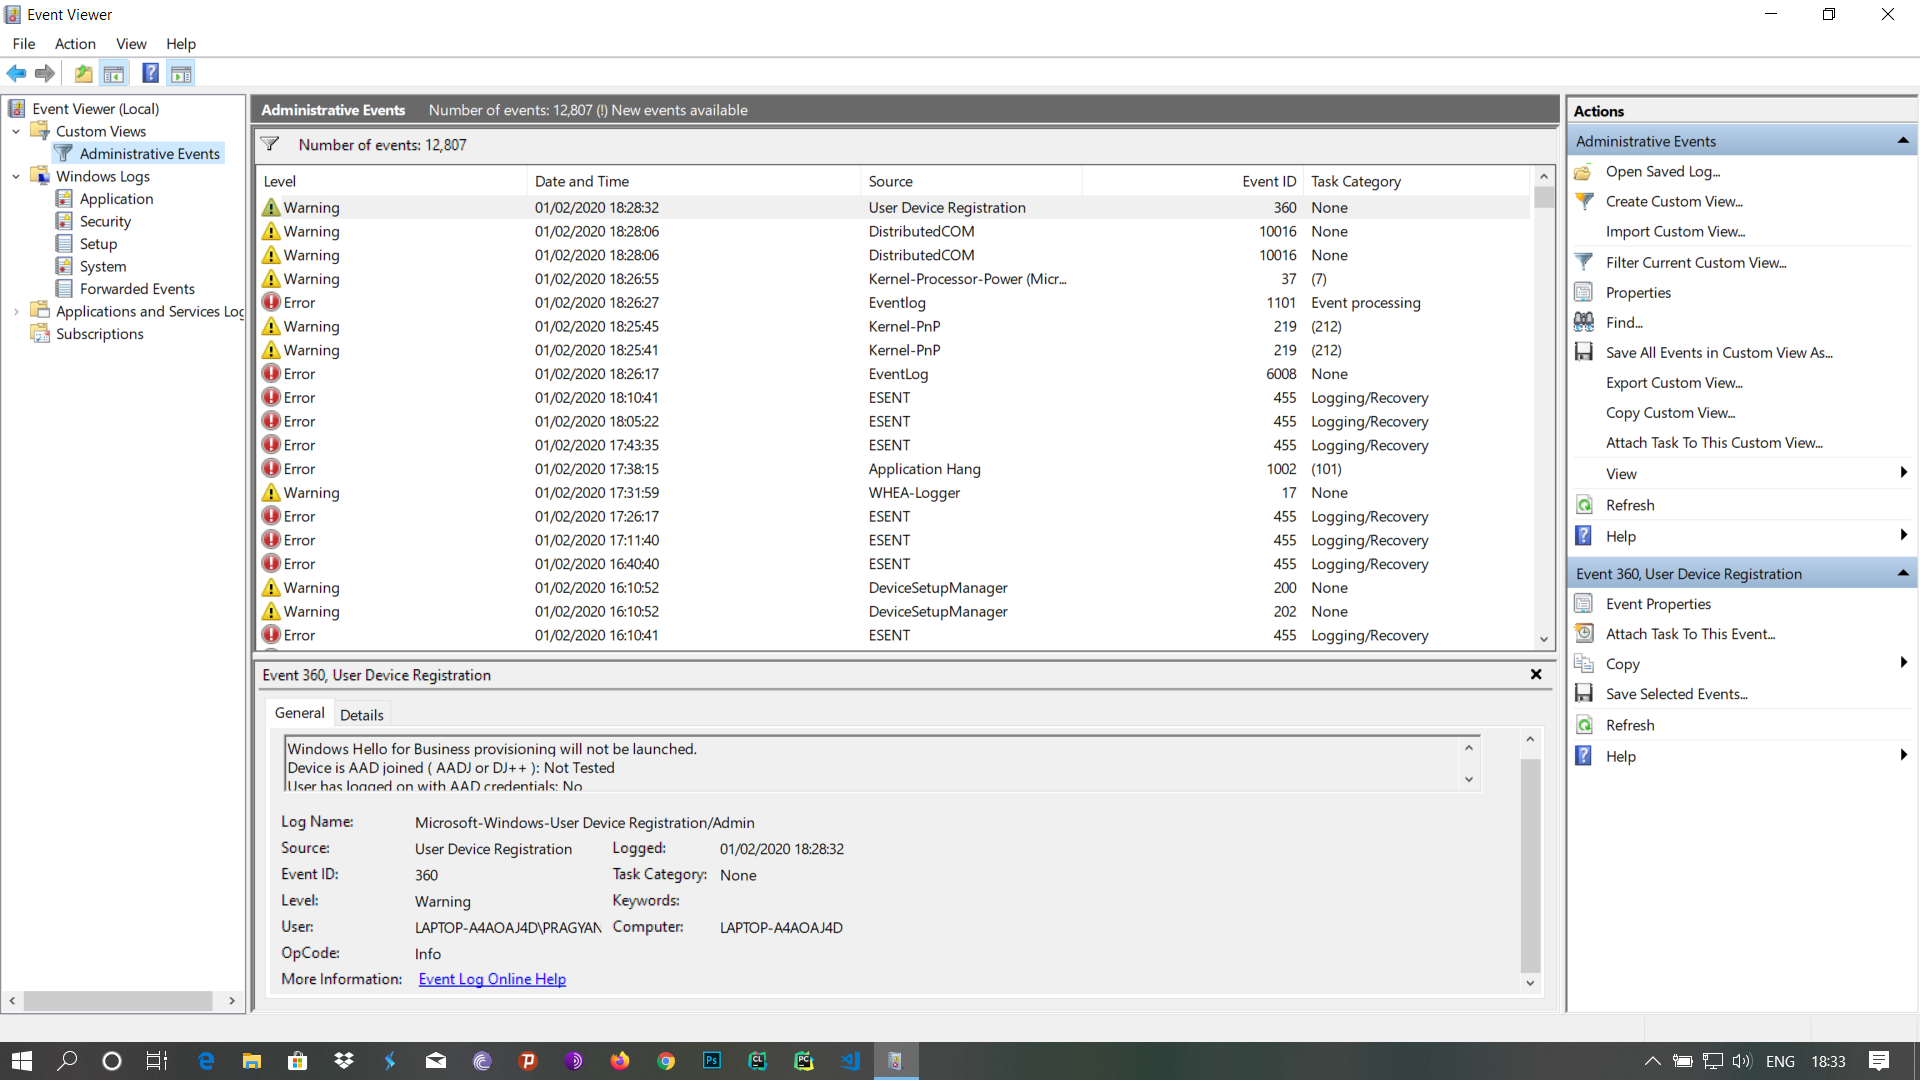 Windows 10 freezes randomly but cursor moves 547baf1b-3838-456d-8bda-71000c12bc52?upload=true.png